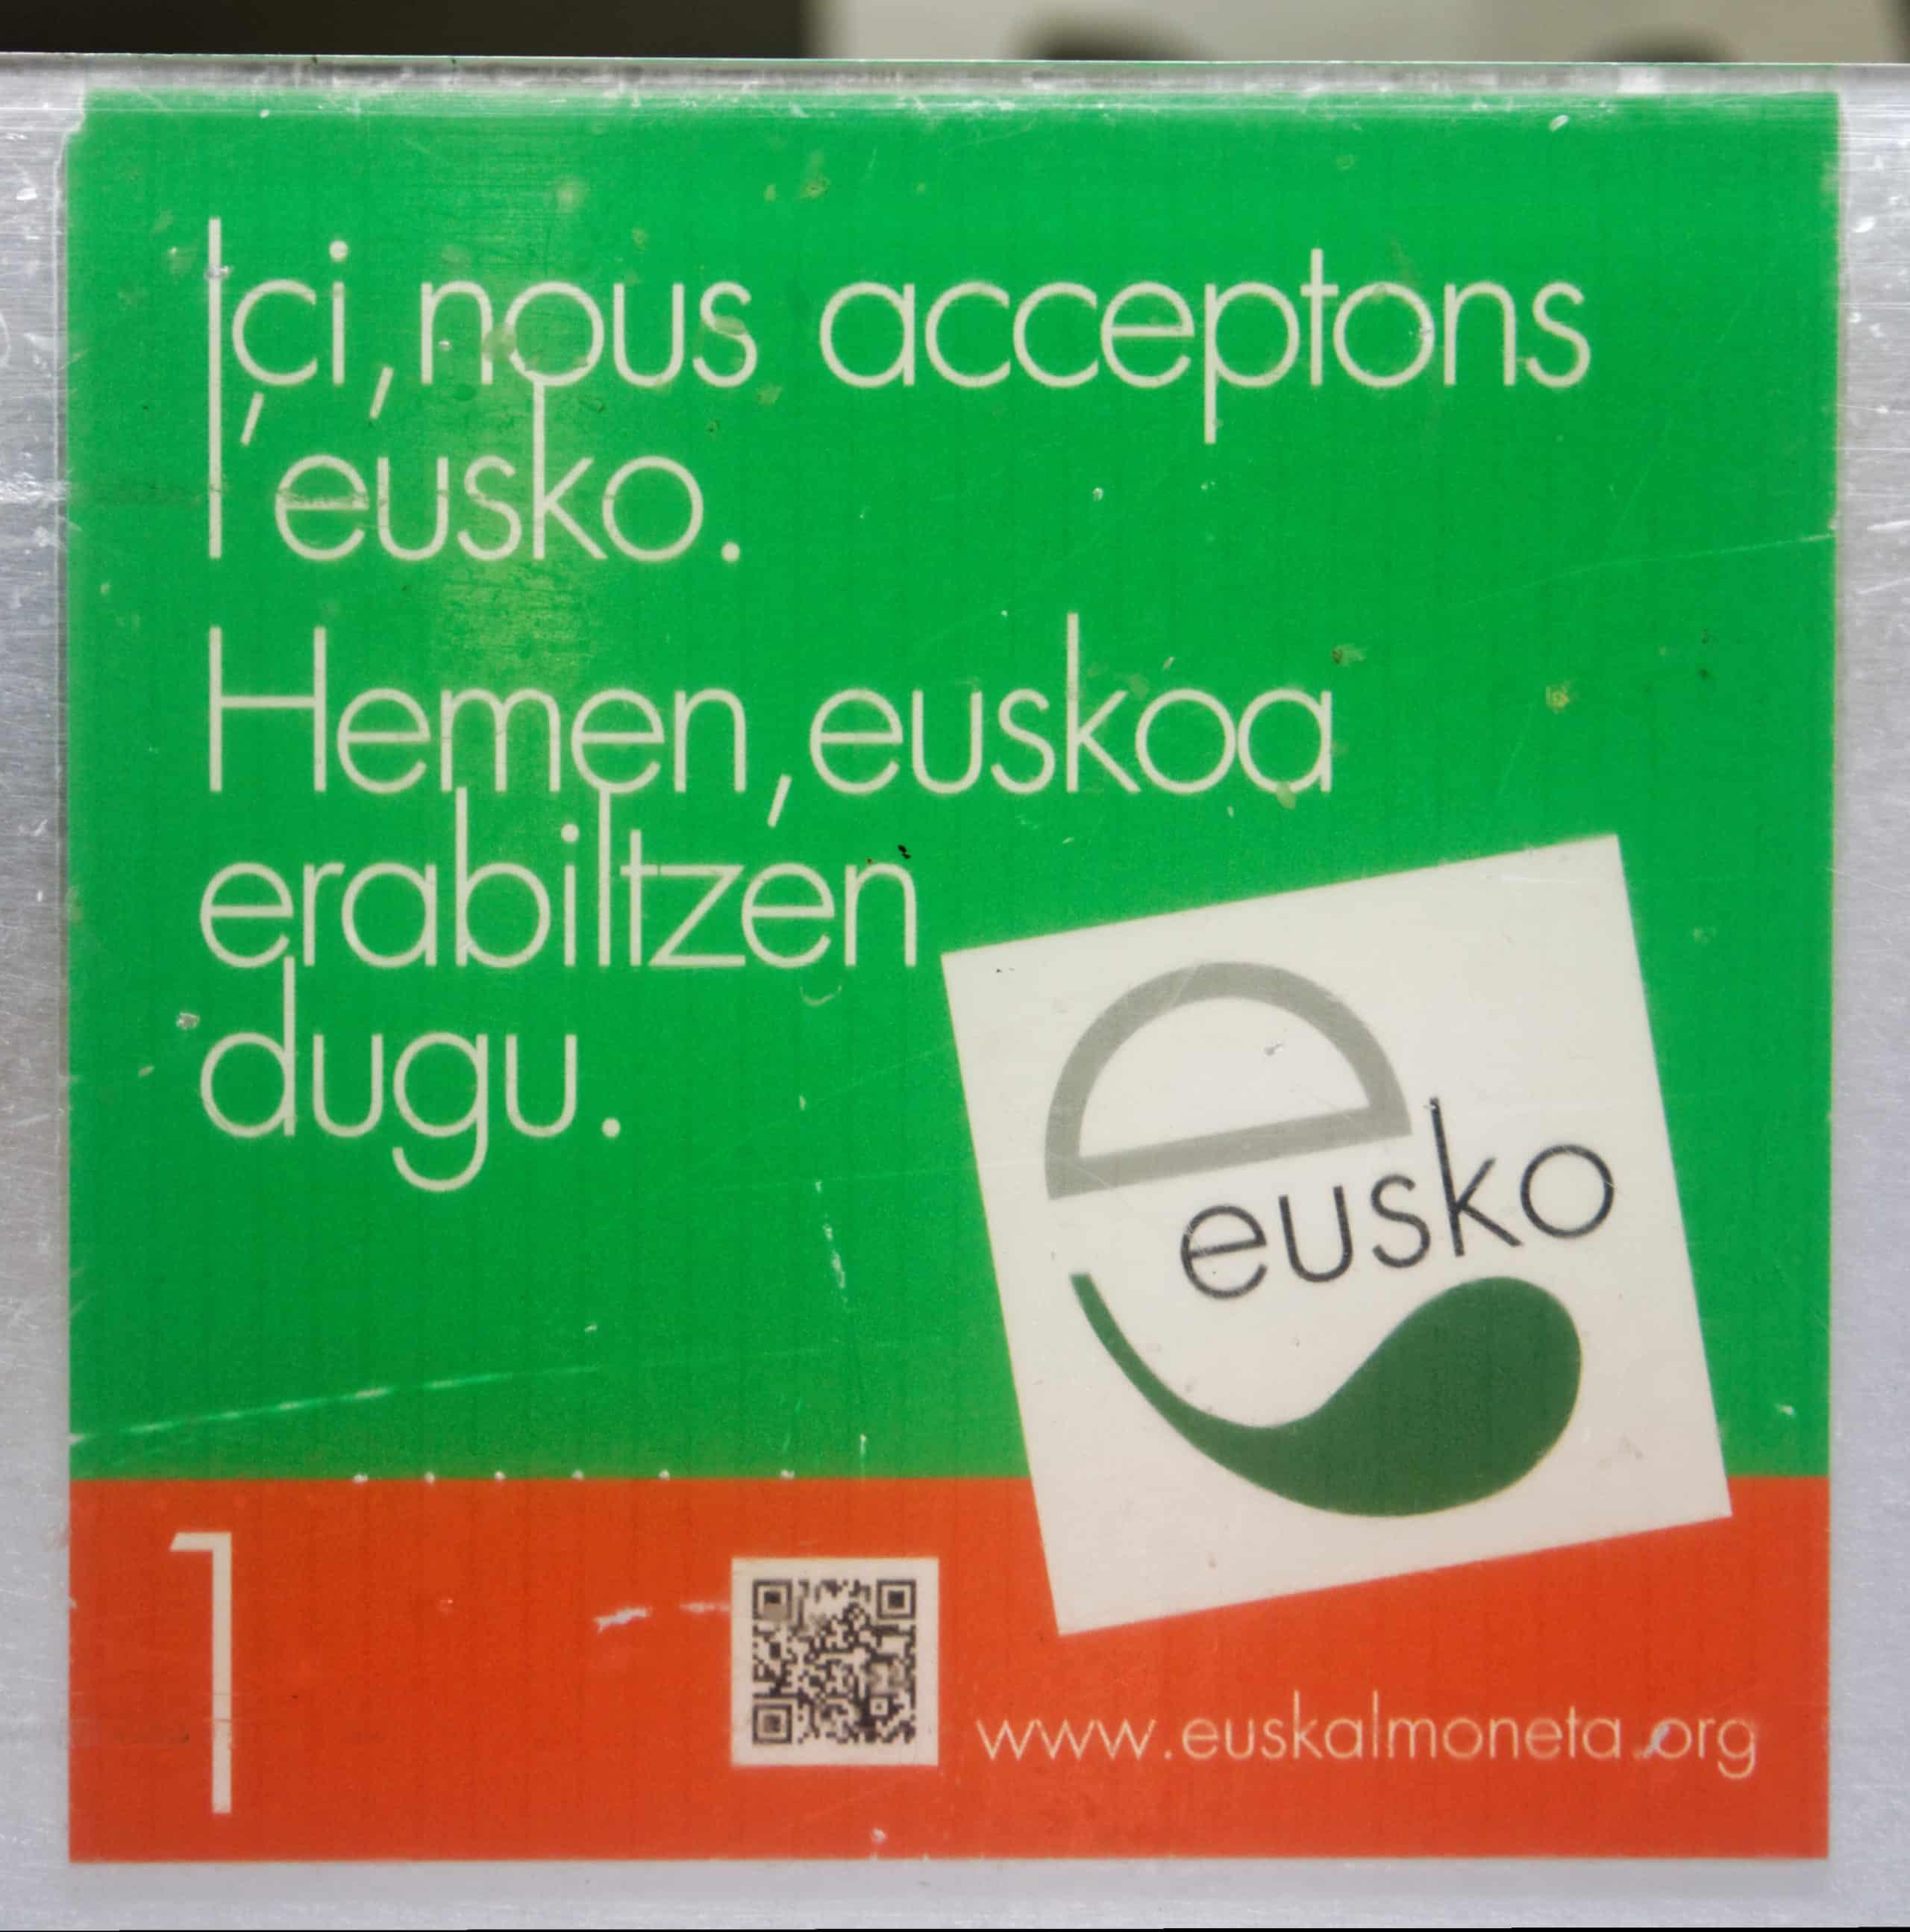 Monnaies locales : gonette, eusko, galais